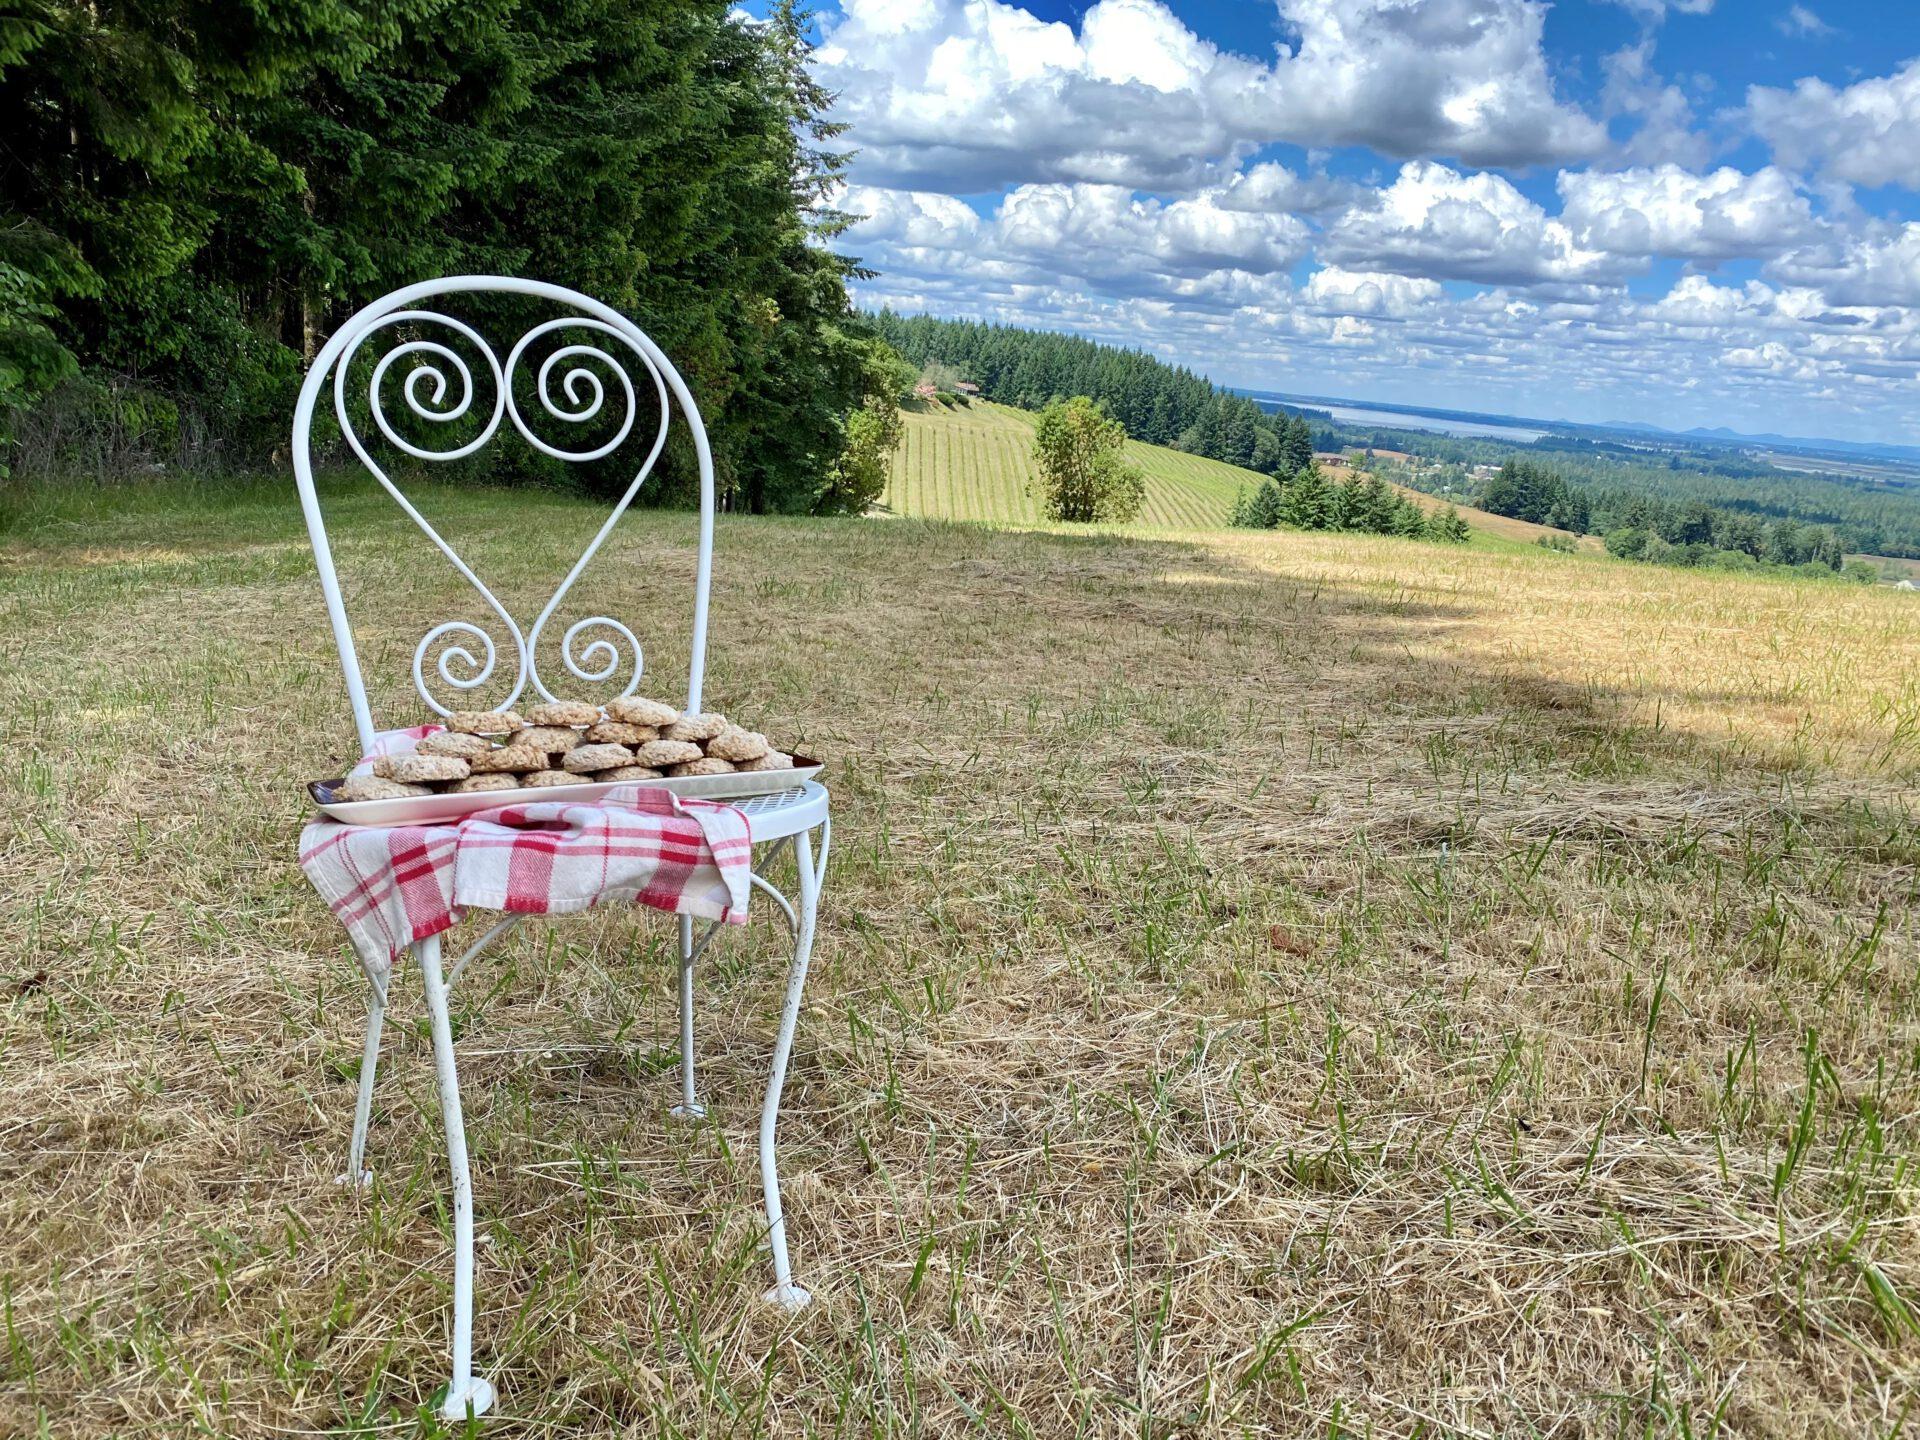 hazelnut cookies sitting on chair in Oregon field